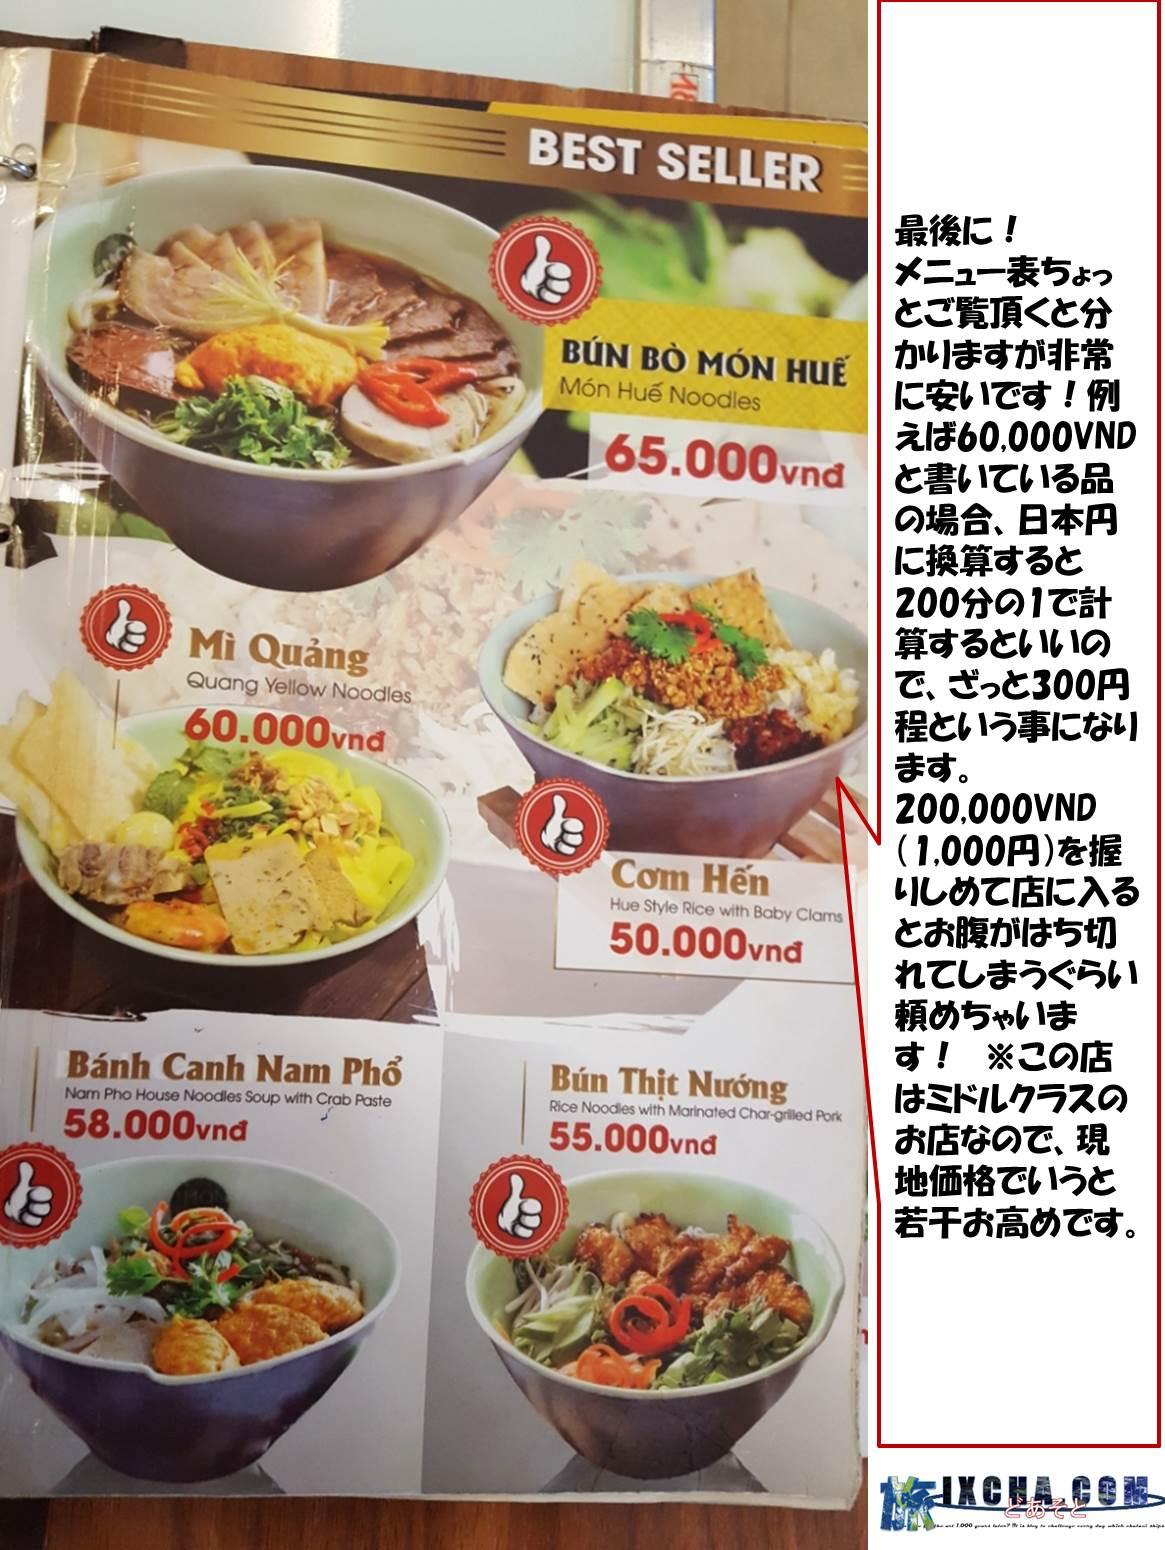 最後に!    メニュー表ちょっとご覧頂くと分かりますが非常に安いです!例えば60,000VNDと書いている品の場合、日本円に換算すると200分の1で計算するといいので、ざっと300円程という事になります。 200,000VND(1,000円)を握りしめて店に入るとお腹がはち切れてしまうぐらい頼めちゃいます! ※この店はミドルクラスのお店なので、現地価格でいうと若干お高めです。